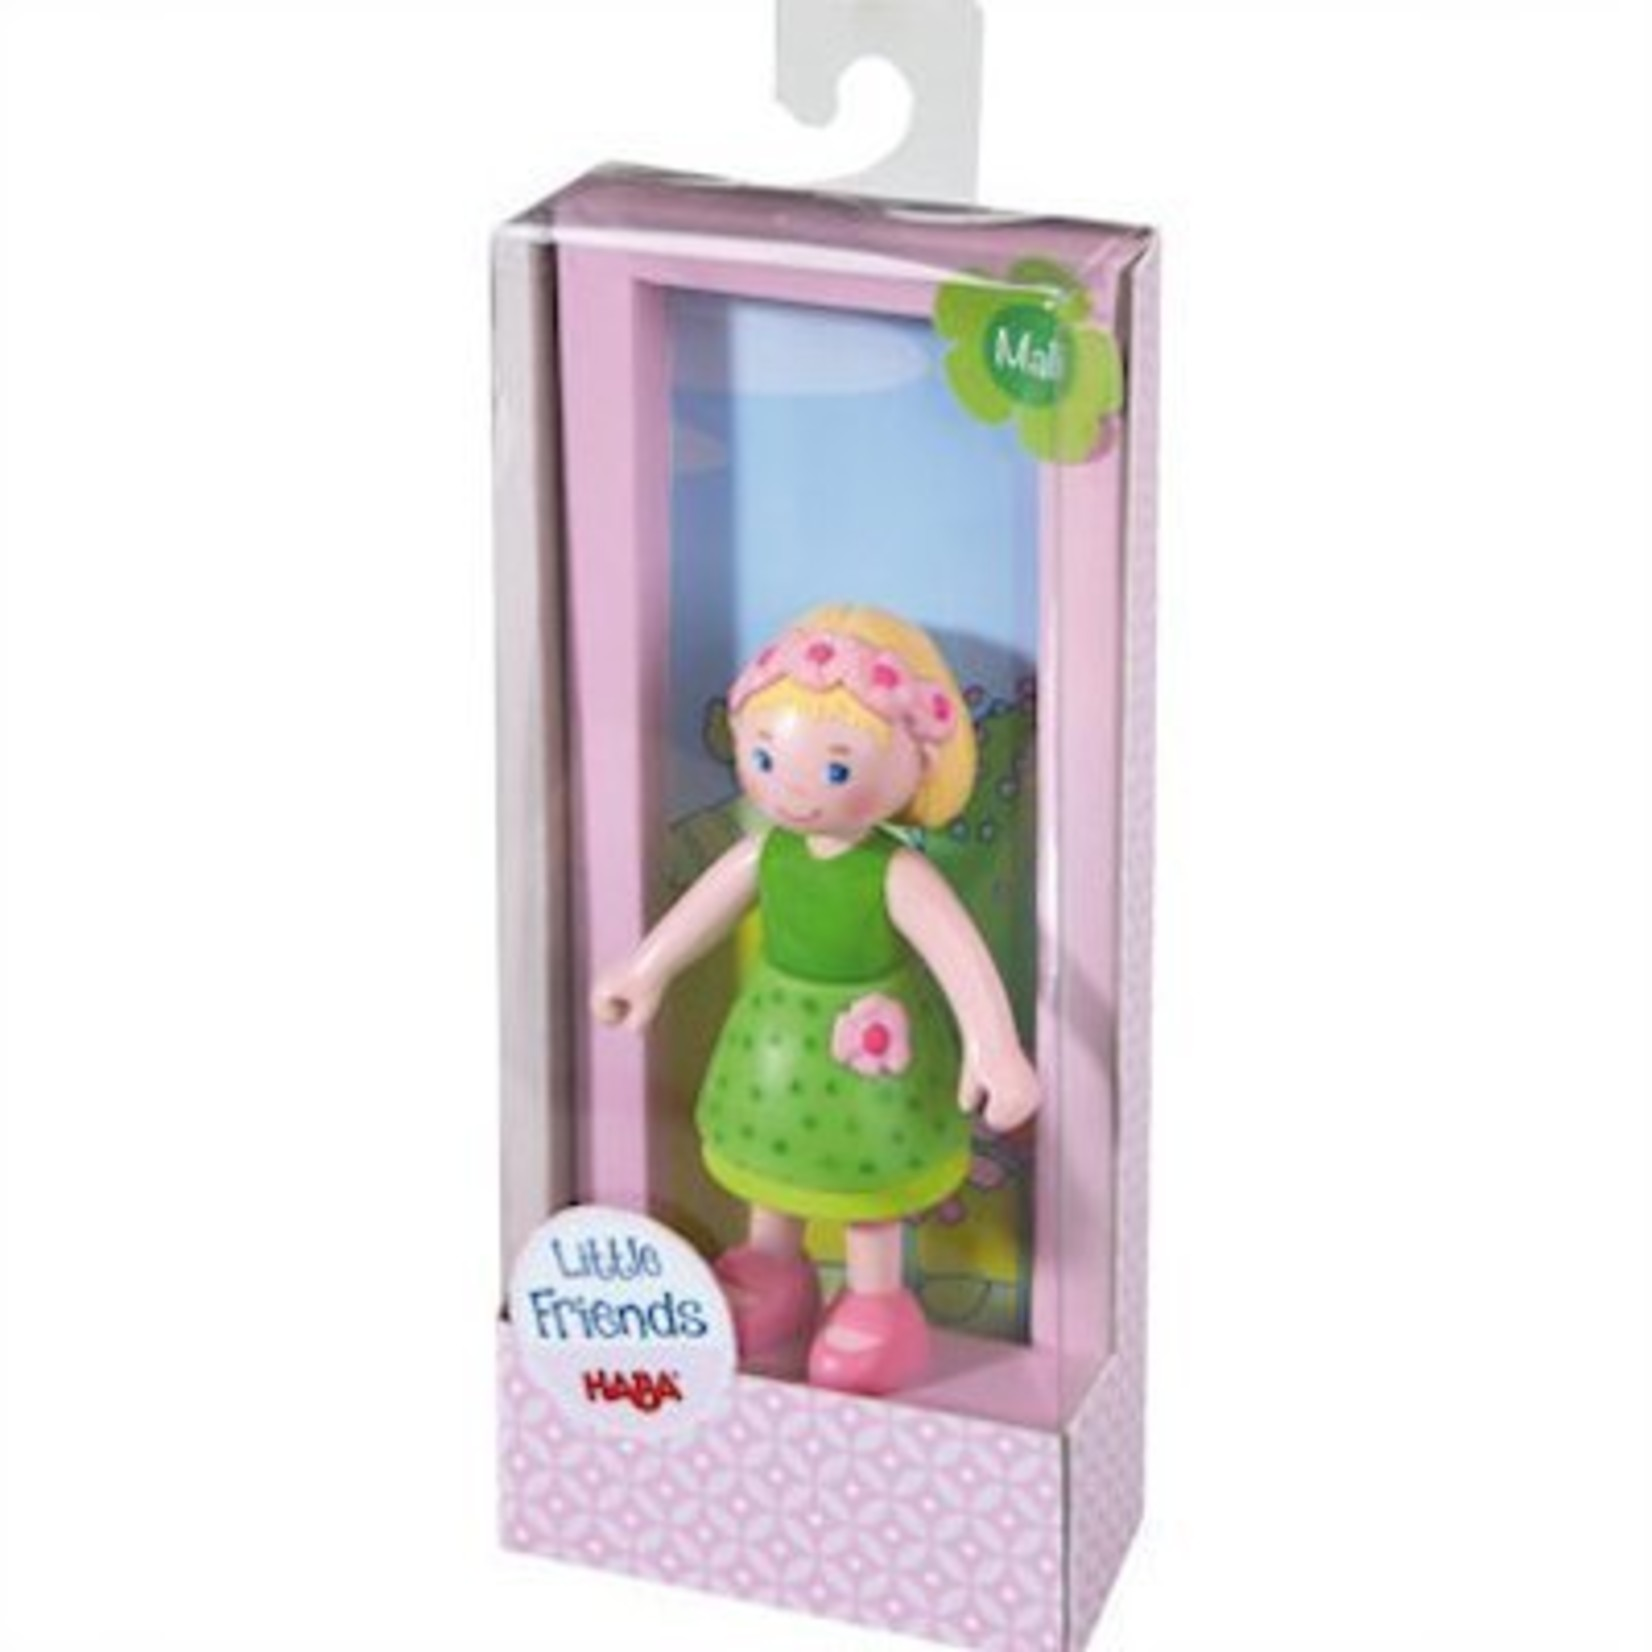 Haba Little Friends buigbaar poppenhuispopje Emma